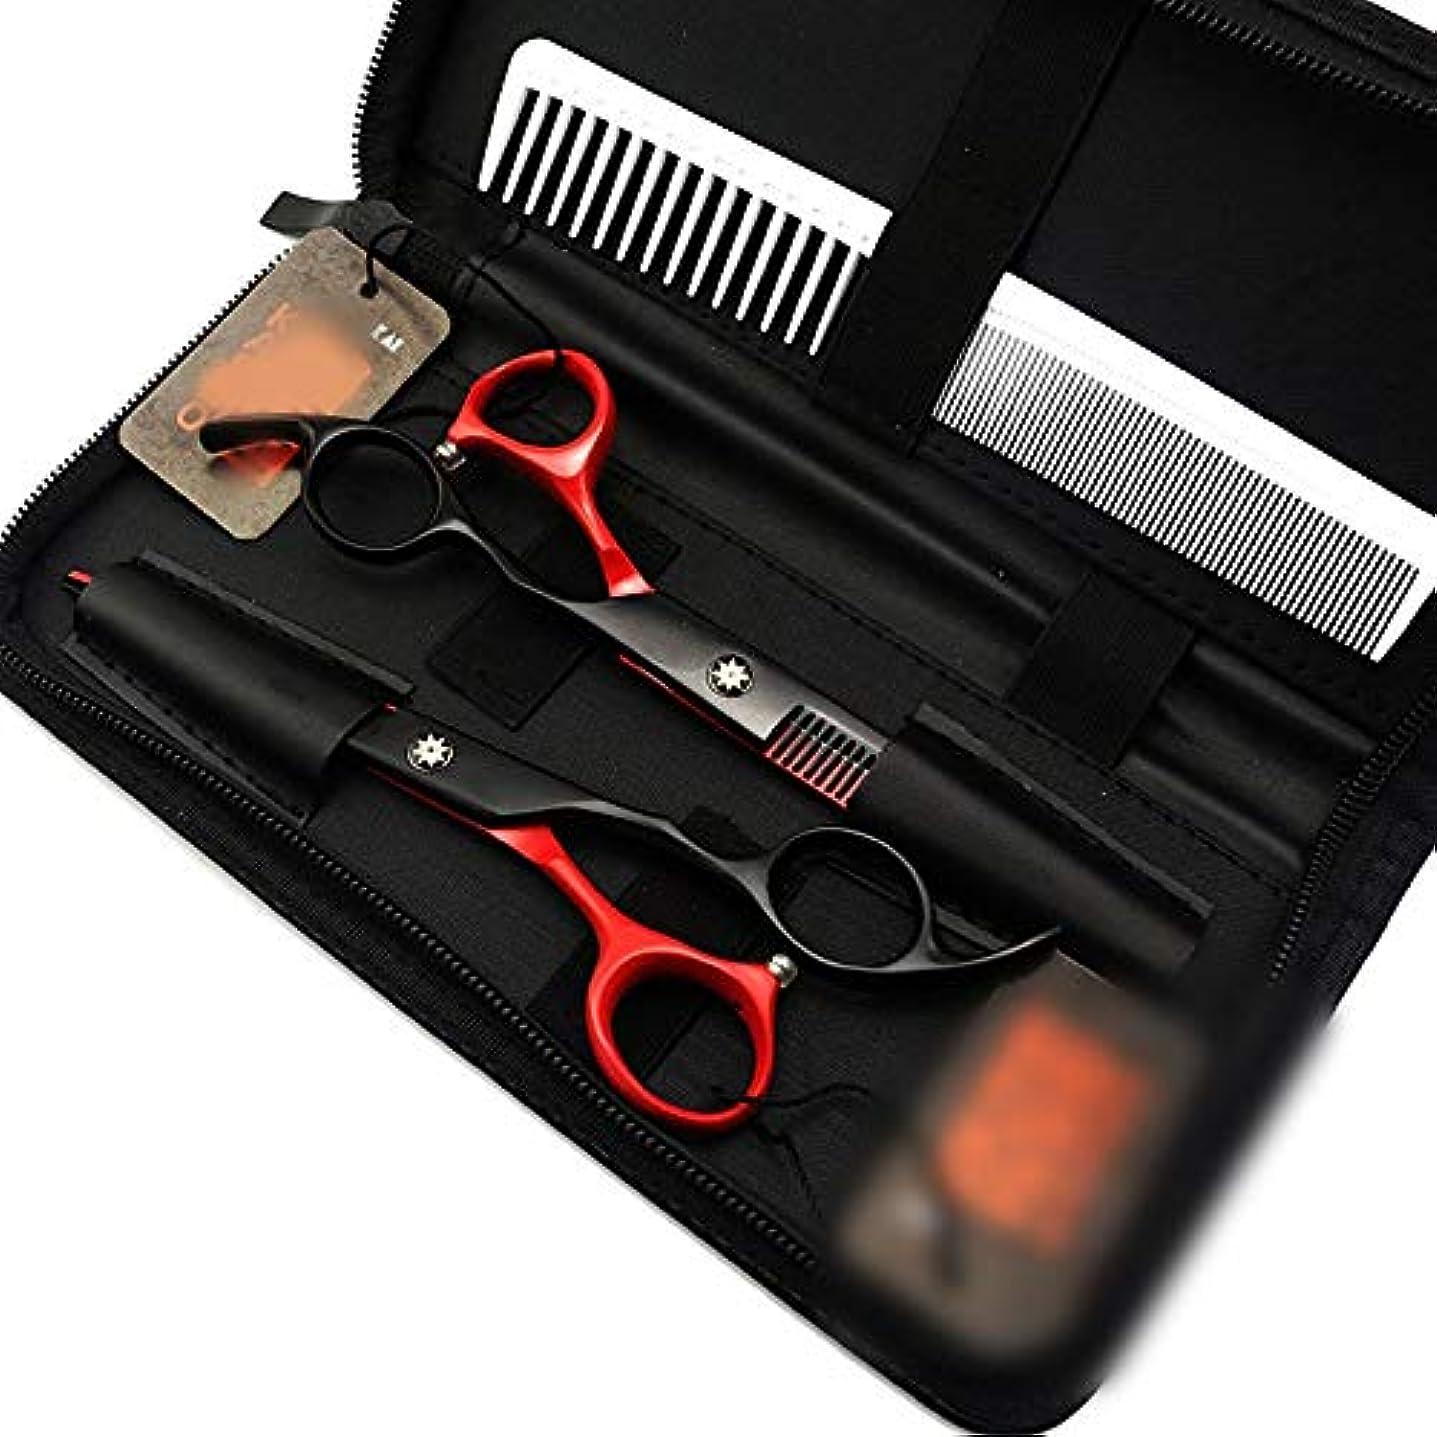 ボイラー導入する幾分理髪用はさみ 6.0インチ黒赤フラット+歯はさみセット、プロの理髪はさみツールセットヘアカットはさみステンレス理髪はさみ (色 : Black red)